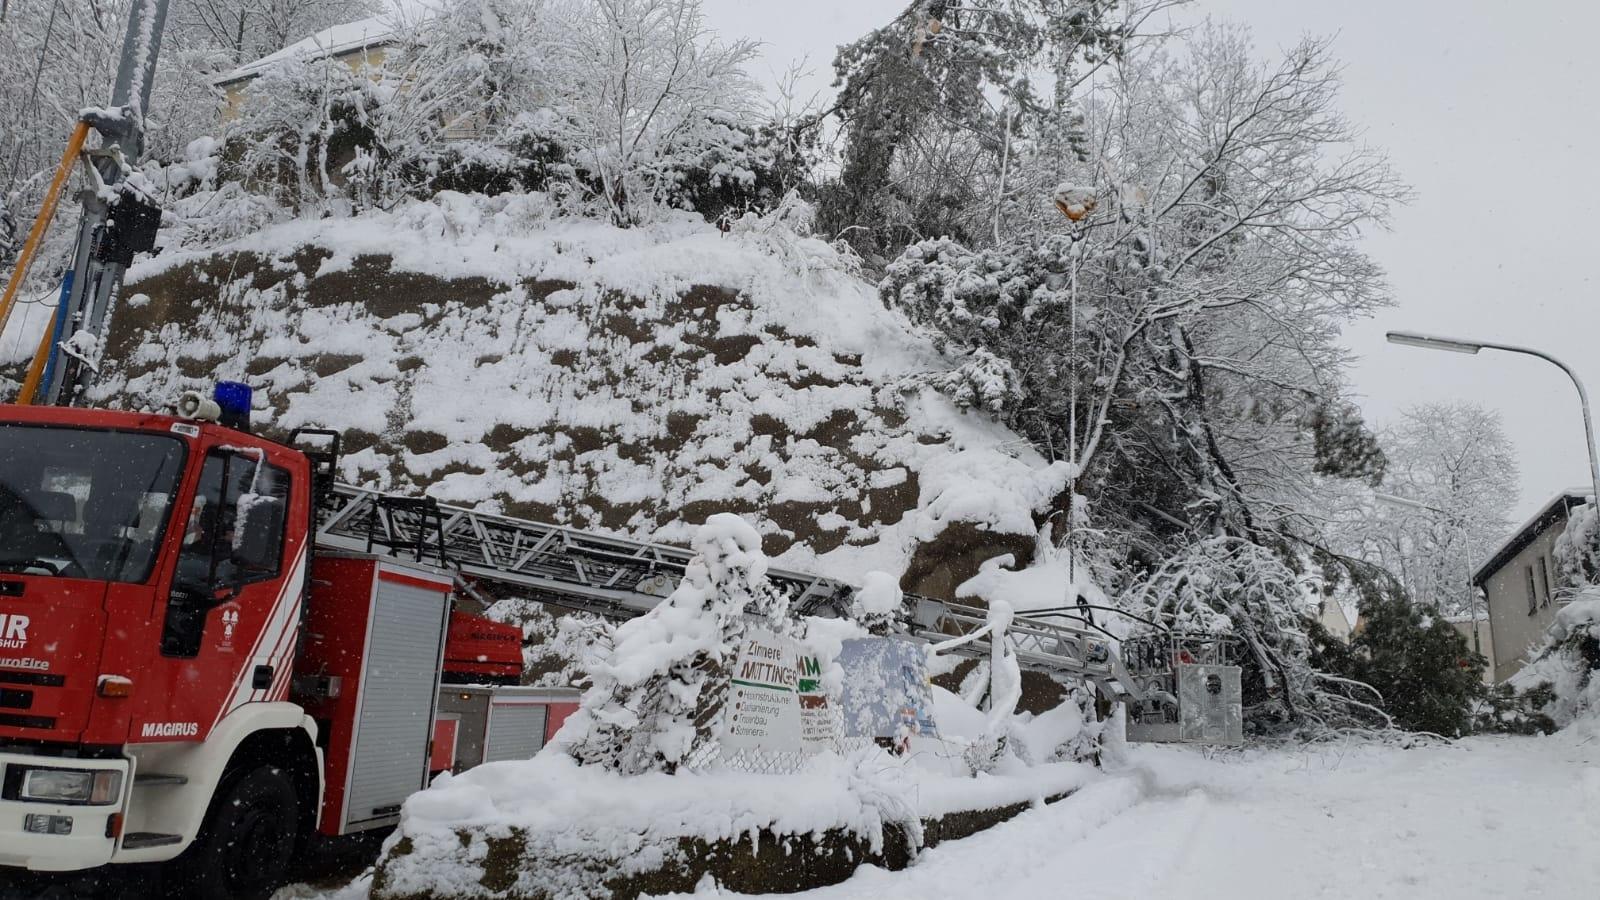 Viel zu tun hat die Feuerwehr in Landshut: Hier besteht weiterhin Schneebruchgefahr.